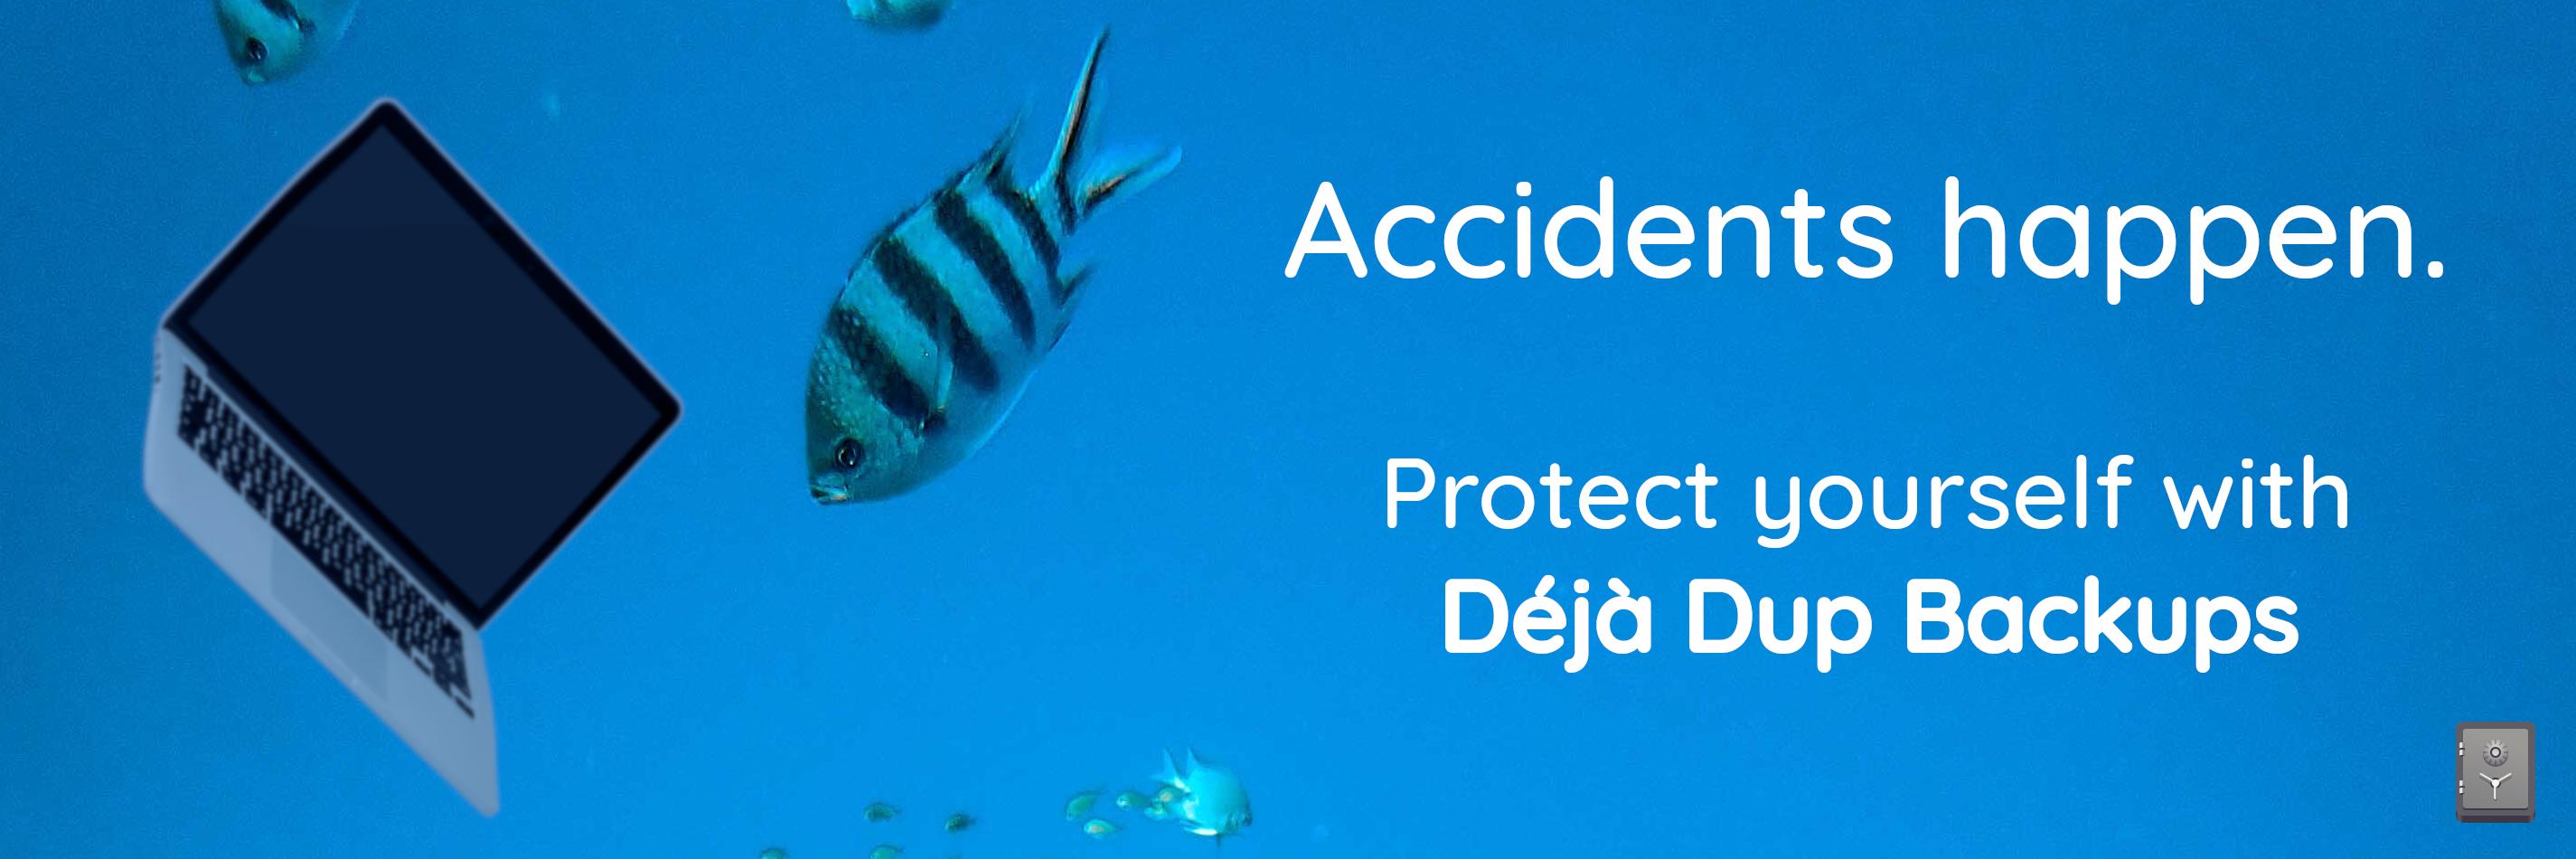 Déjà Dup Backups banner